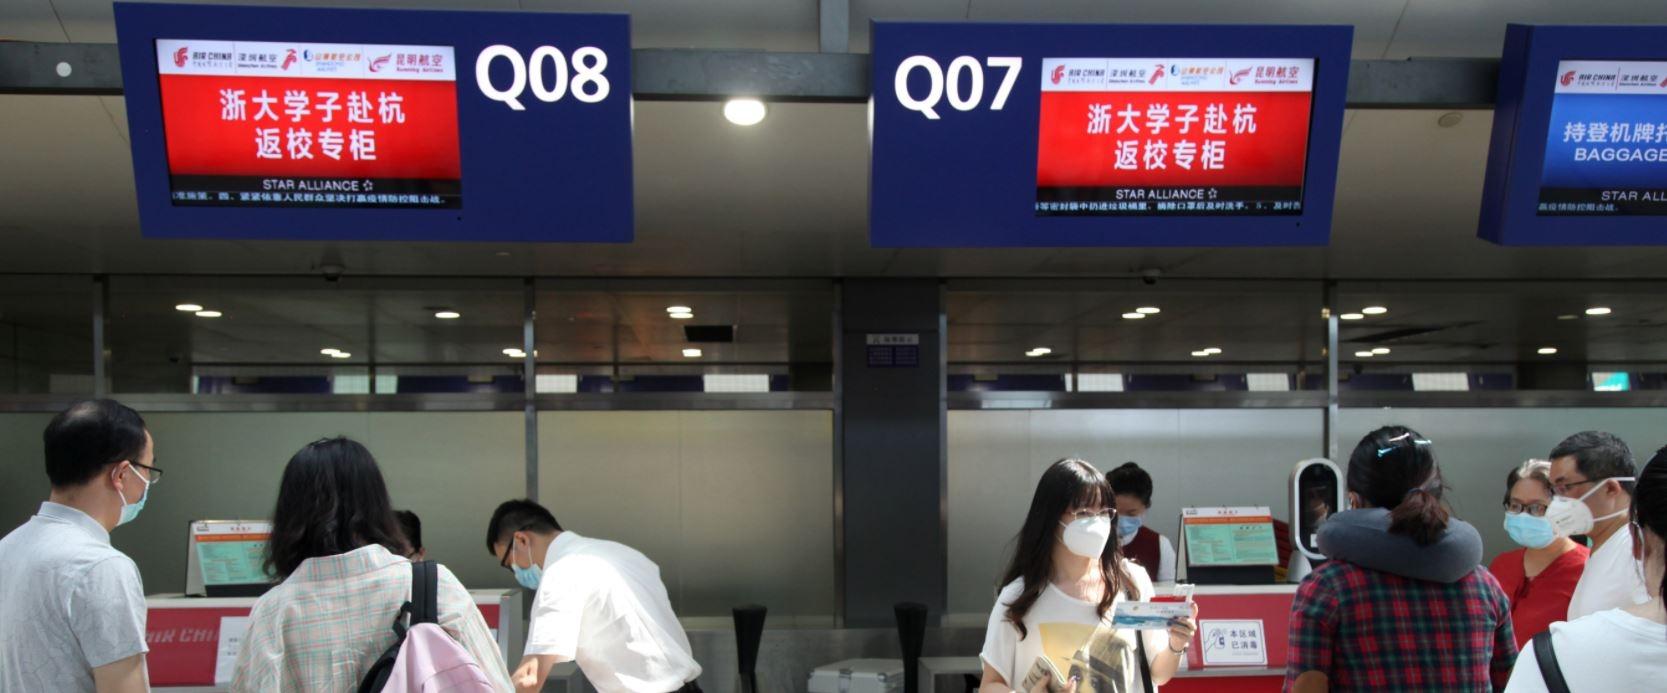 国航西南分公司设立淅大学子赴杭返校值机服务专柜